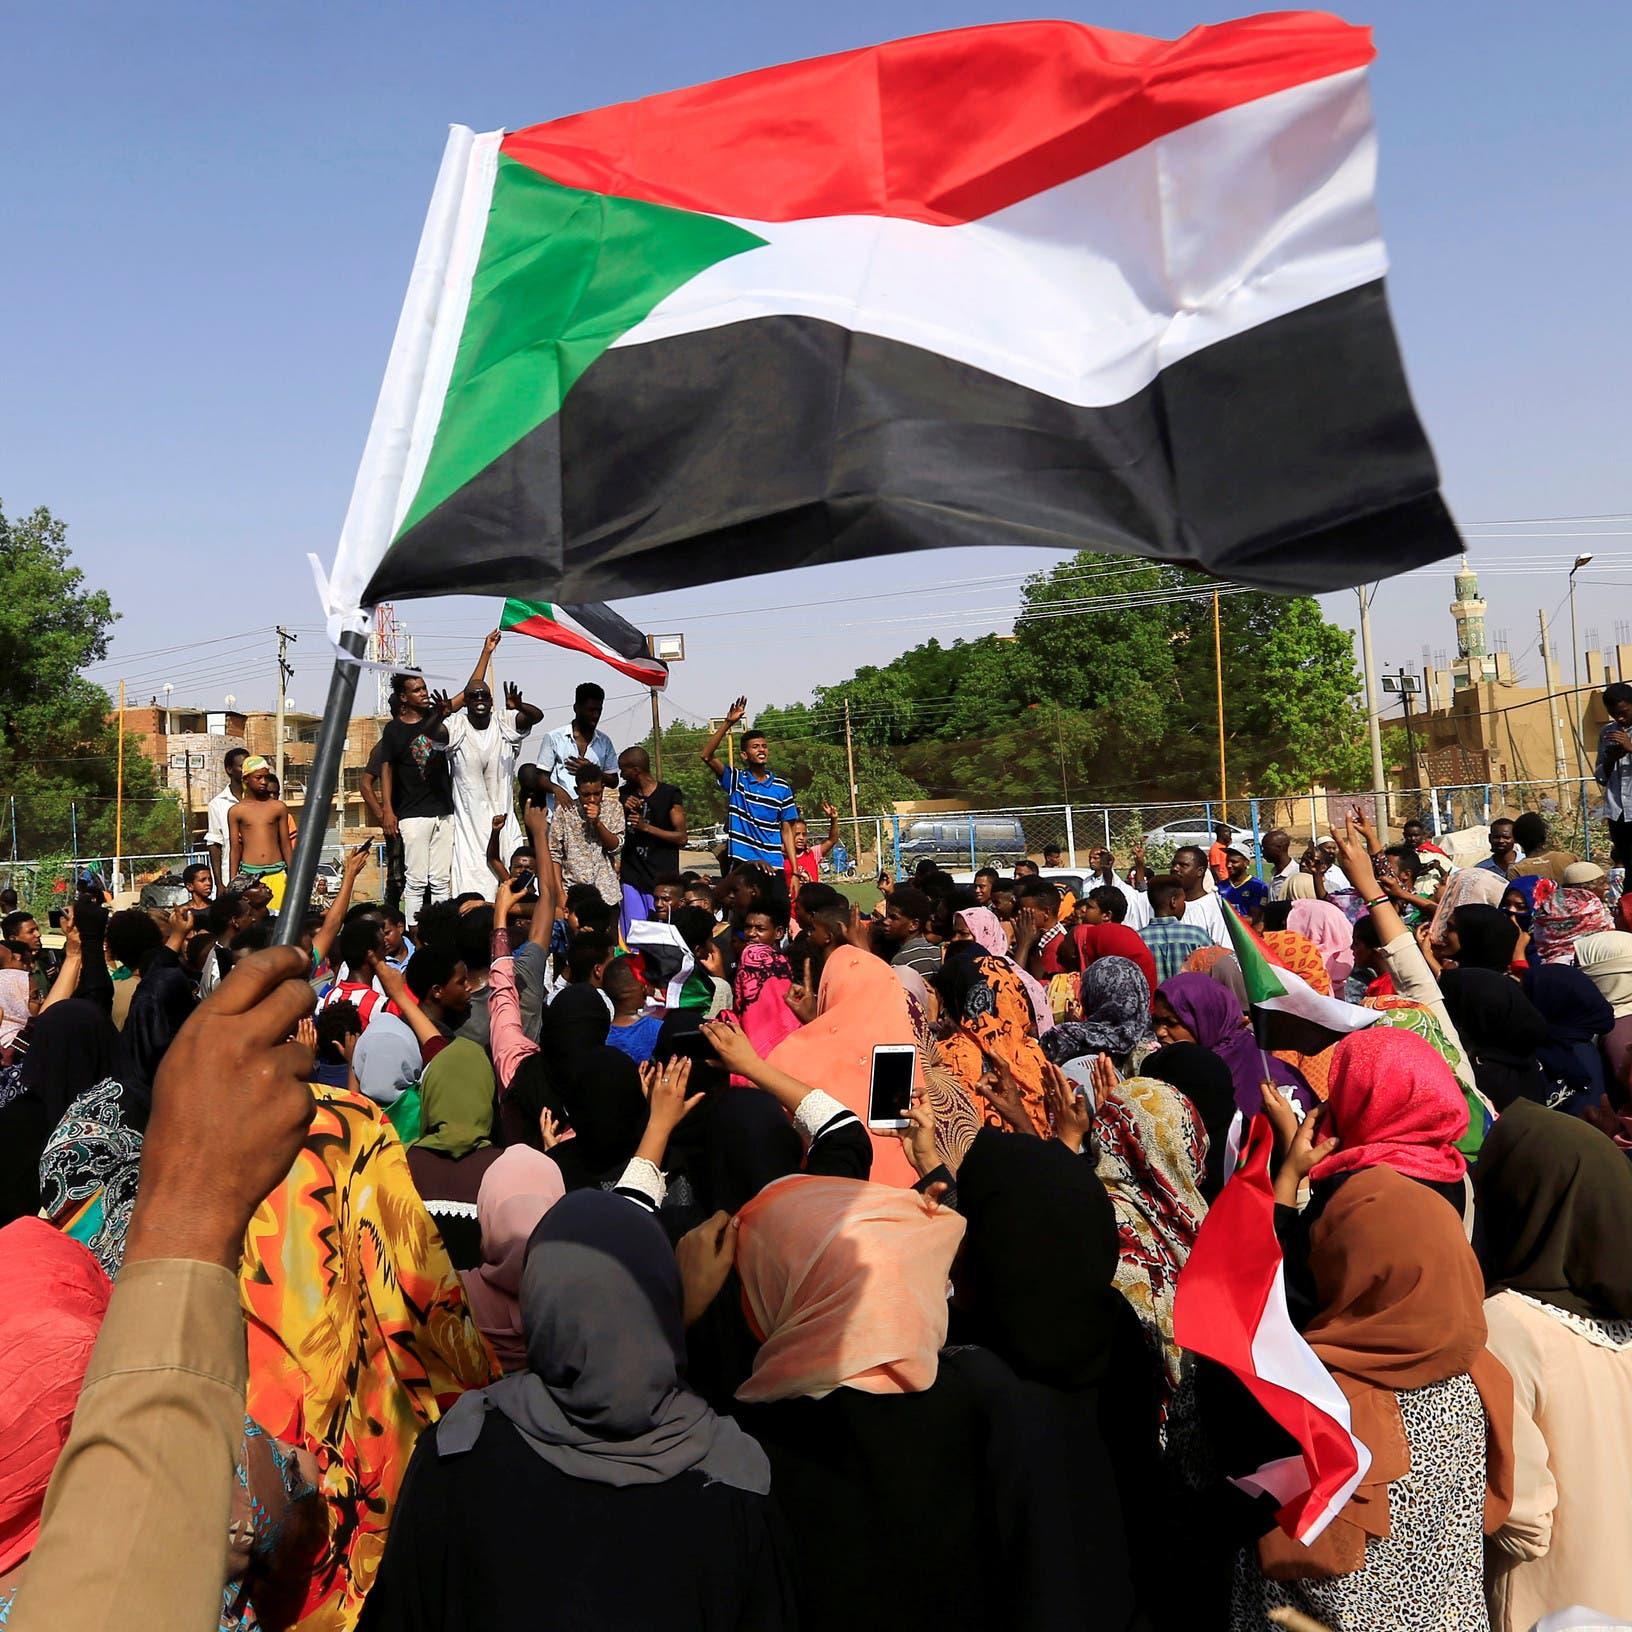 قوى الحرية: الاتفاق يمهد لانتقال السودان من الحرب للسلم